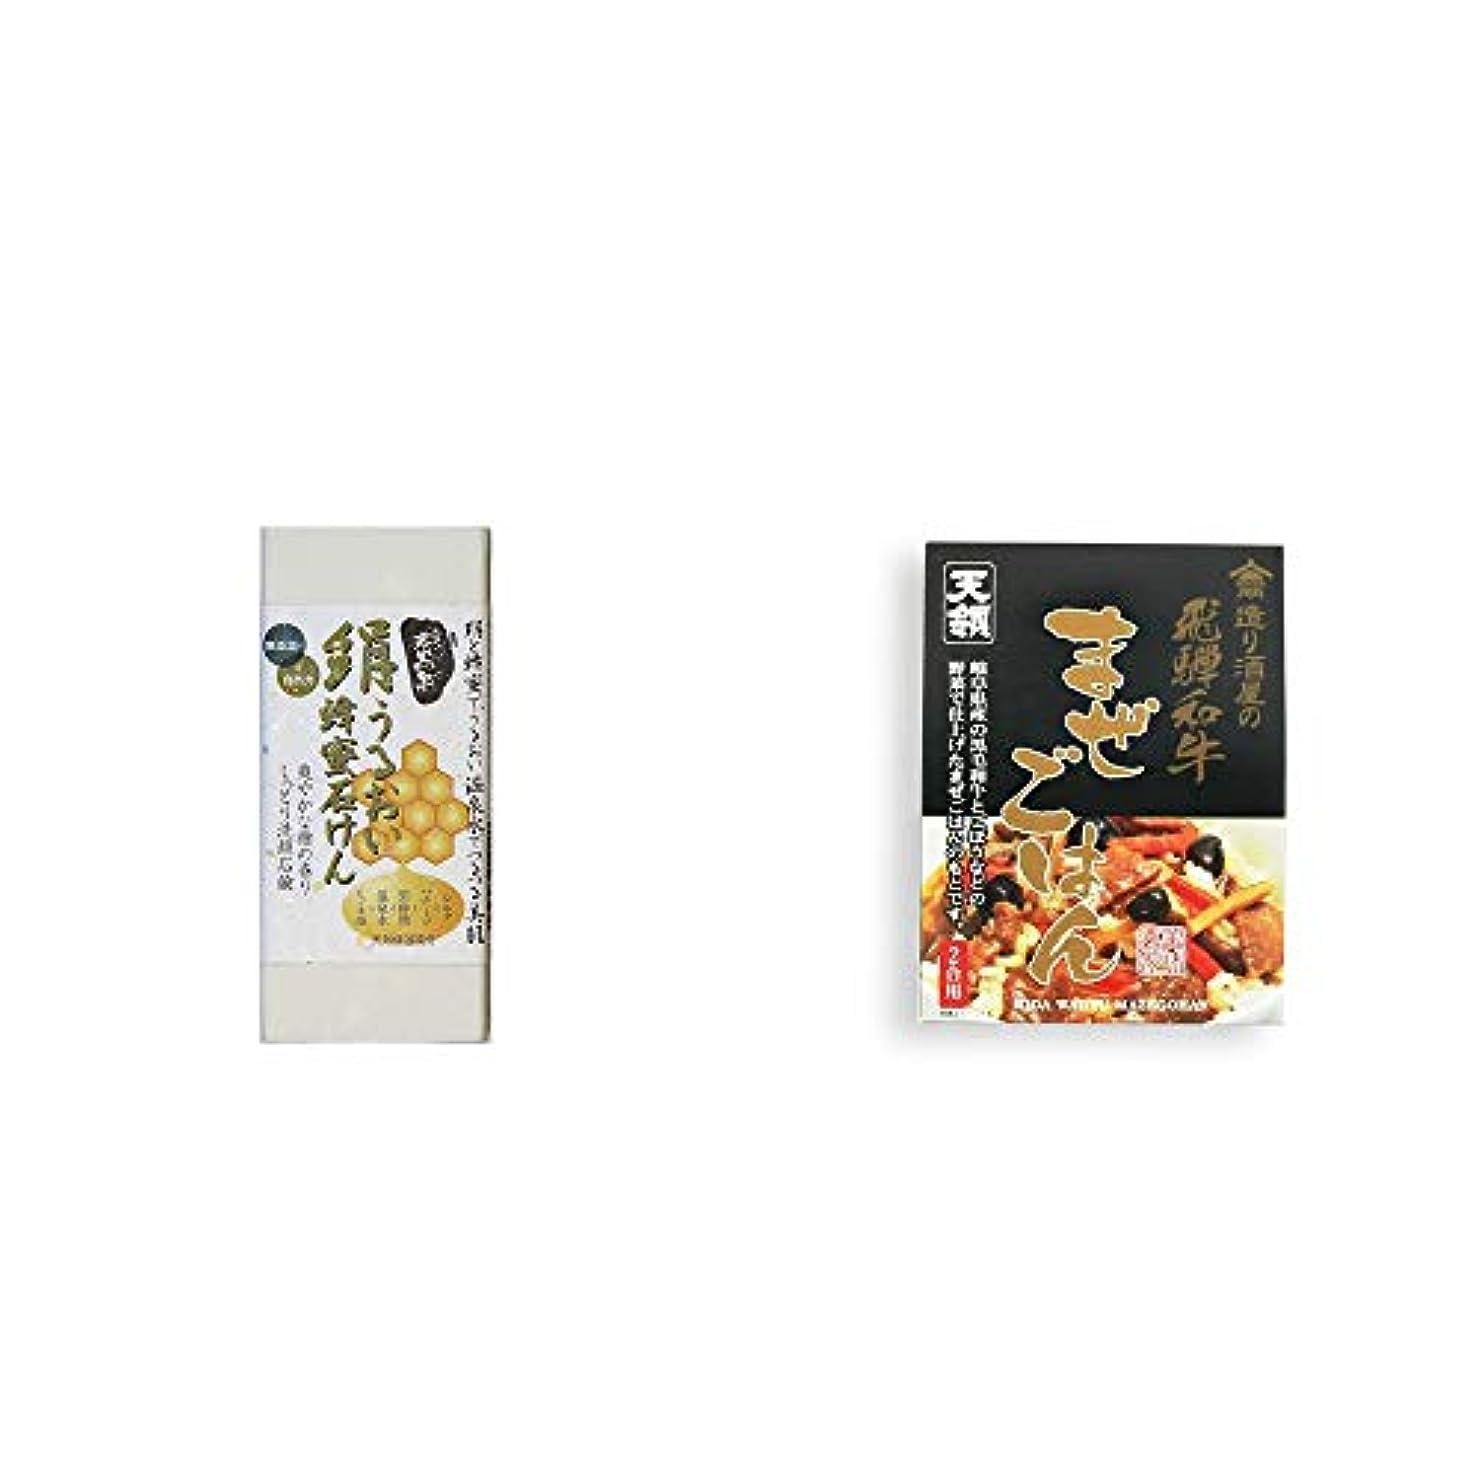 非効率的なペインラッシュ[2点セット] ひのき炭黒泉 絹うるおい蜂蜜石けん(75g×2)?天領酒造 飛騨和牛まぜごはん(170g)